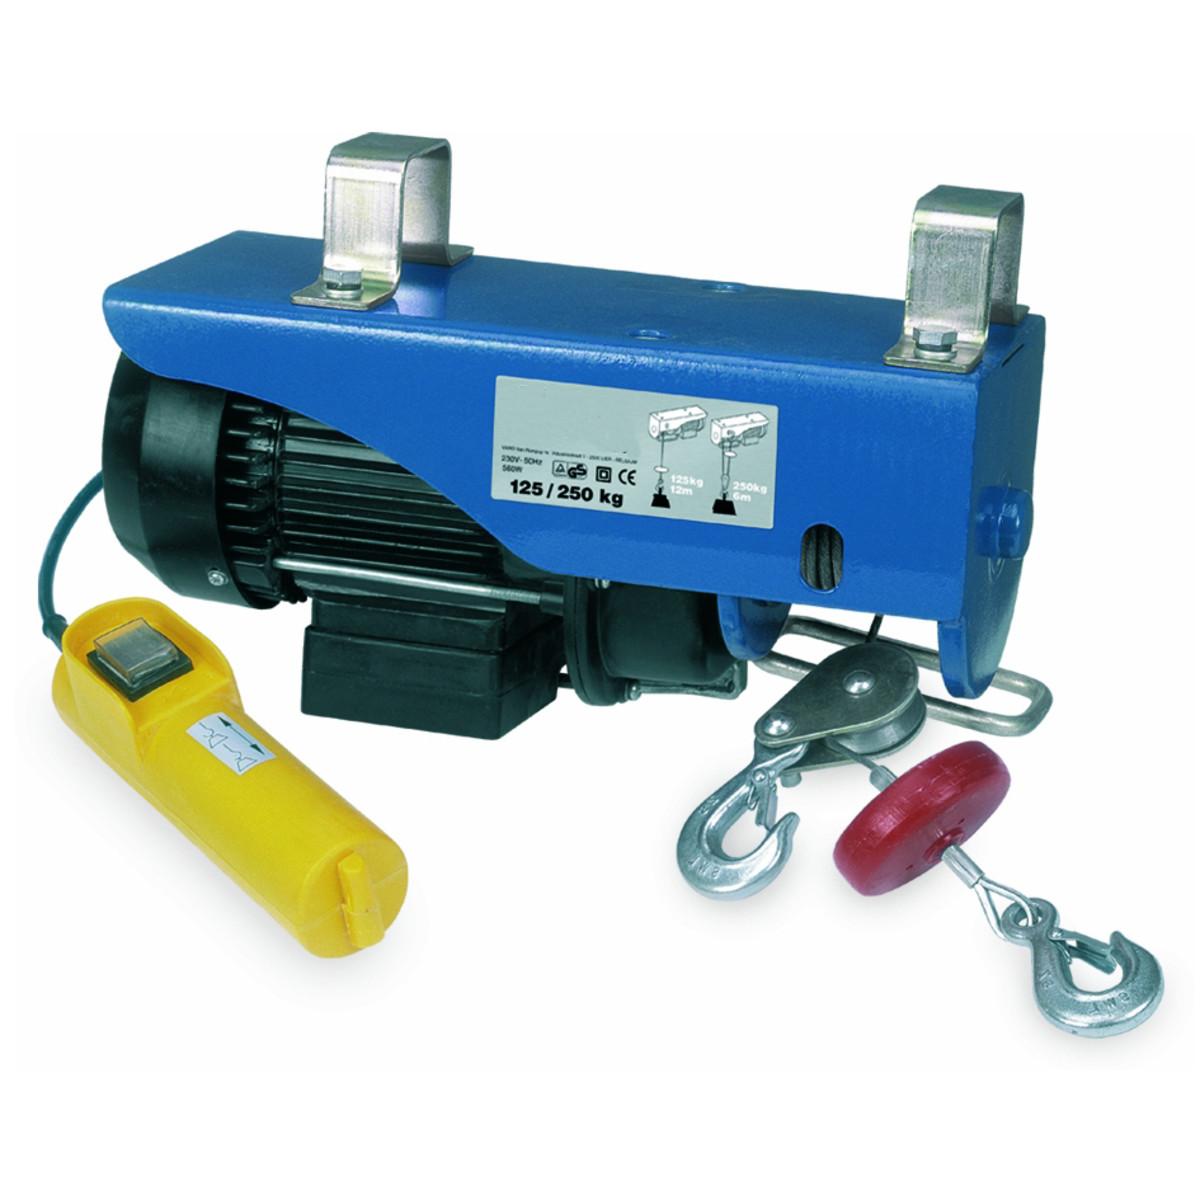 Paranco elettrico ph906 250 kg prezzi e offerte online for Prezzo cuccia cane leroy merlin